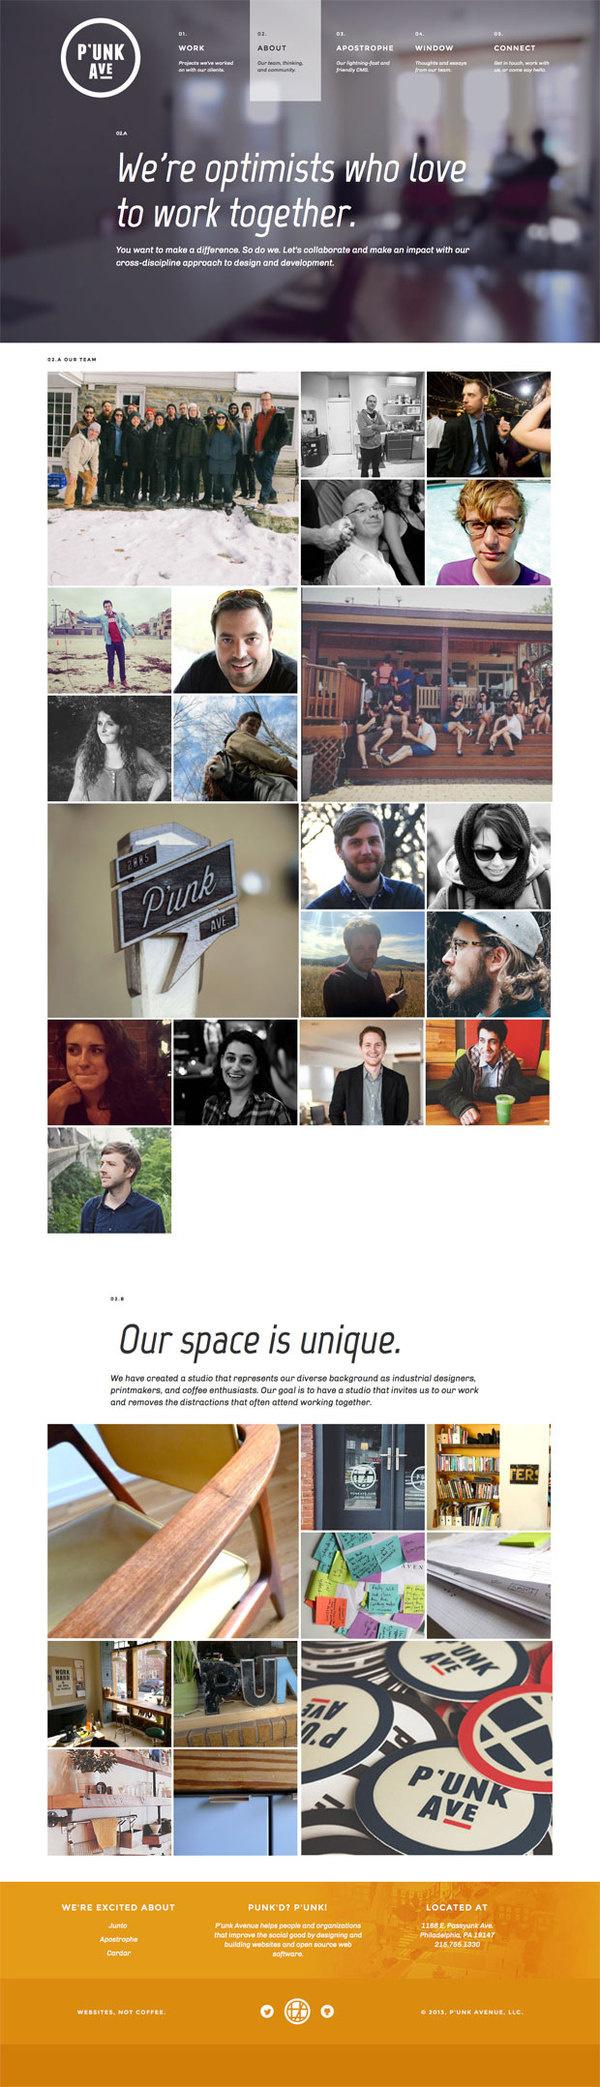 P'unk Avenue — About _ Philadelphia PA (20140421) #website #about